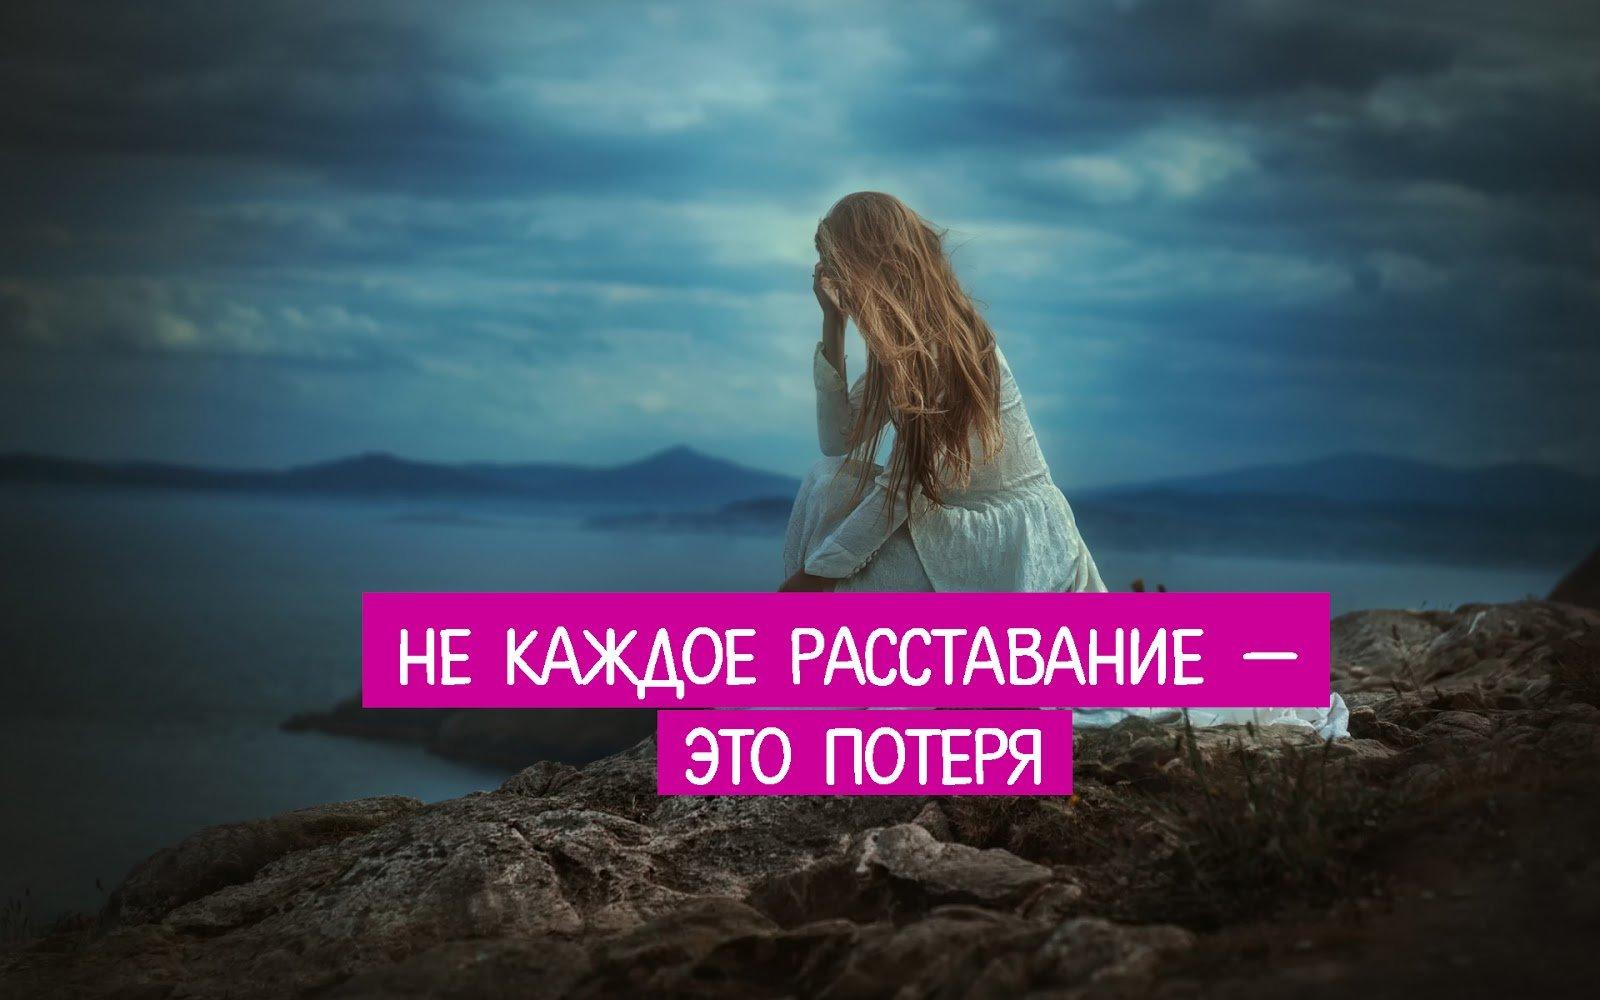 Не каждое расставание — это потеря